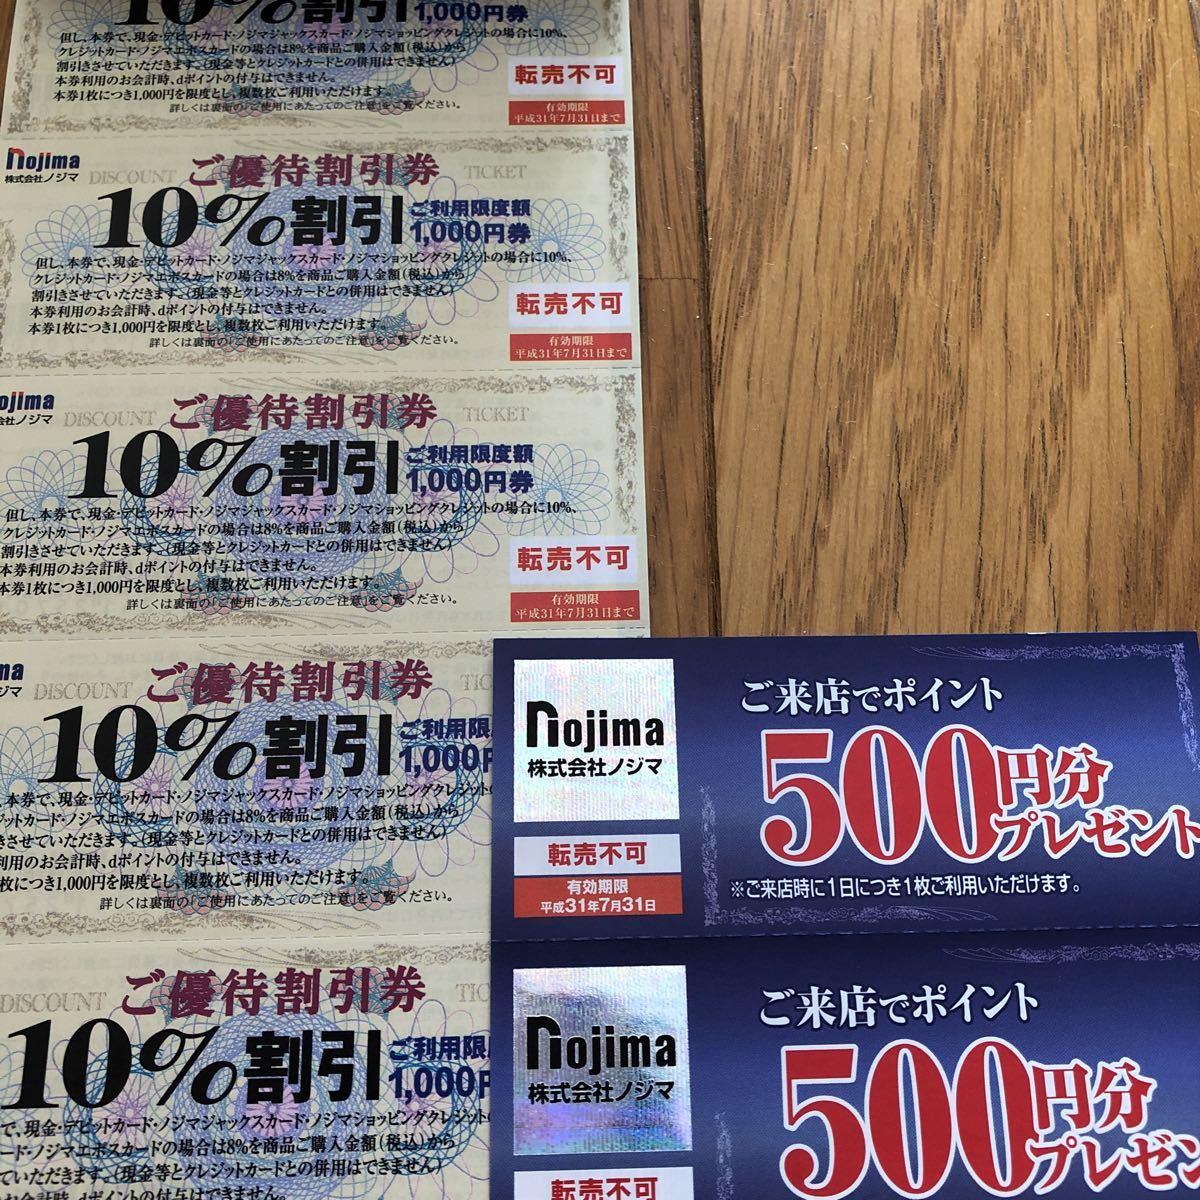 送料無料 ノジマ10%割引券5枚+来店ポイント500円券2枚セット株主優待